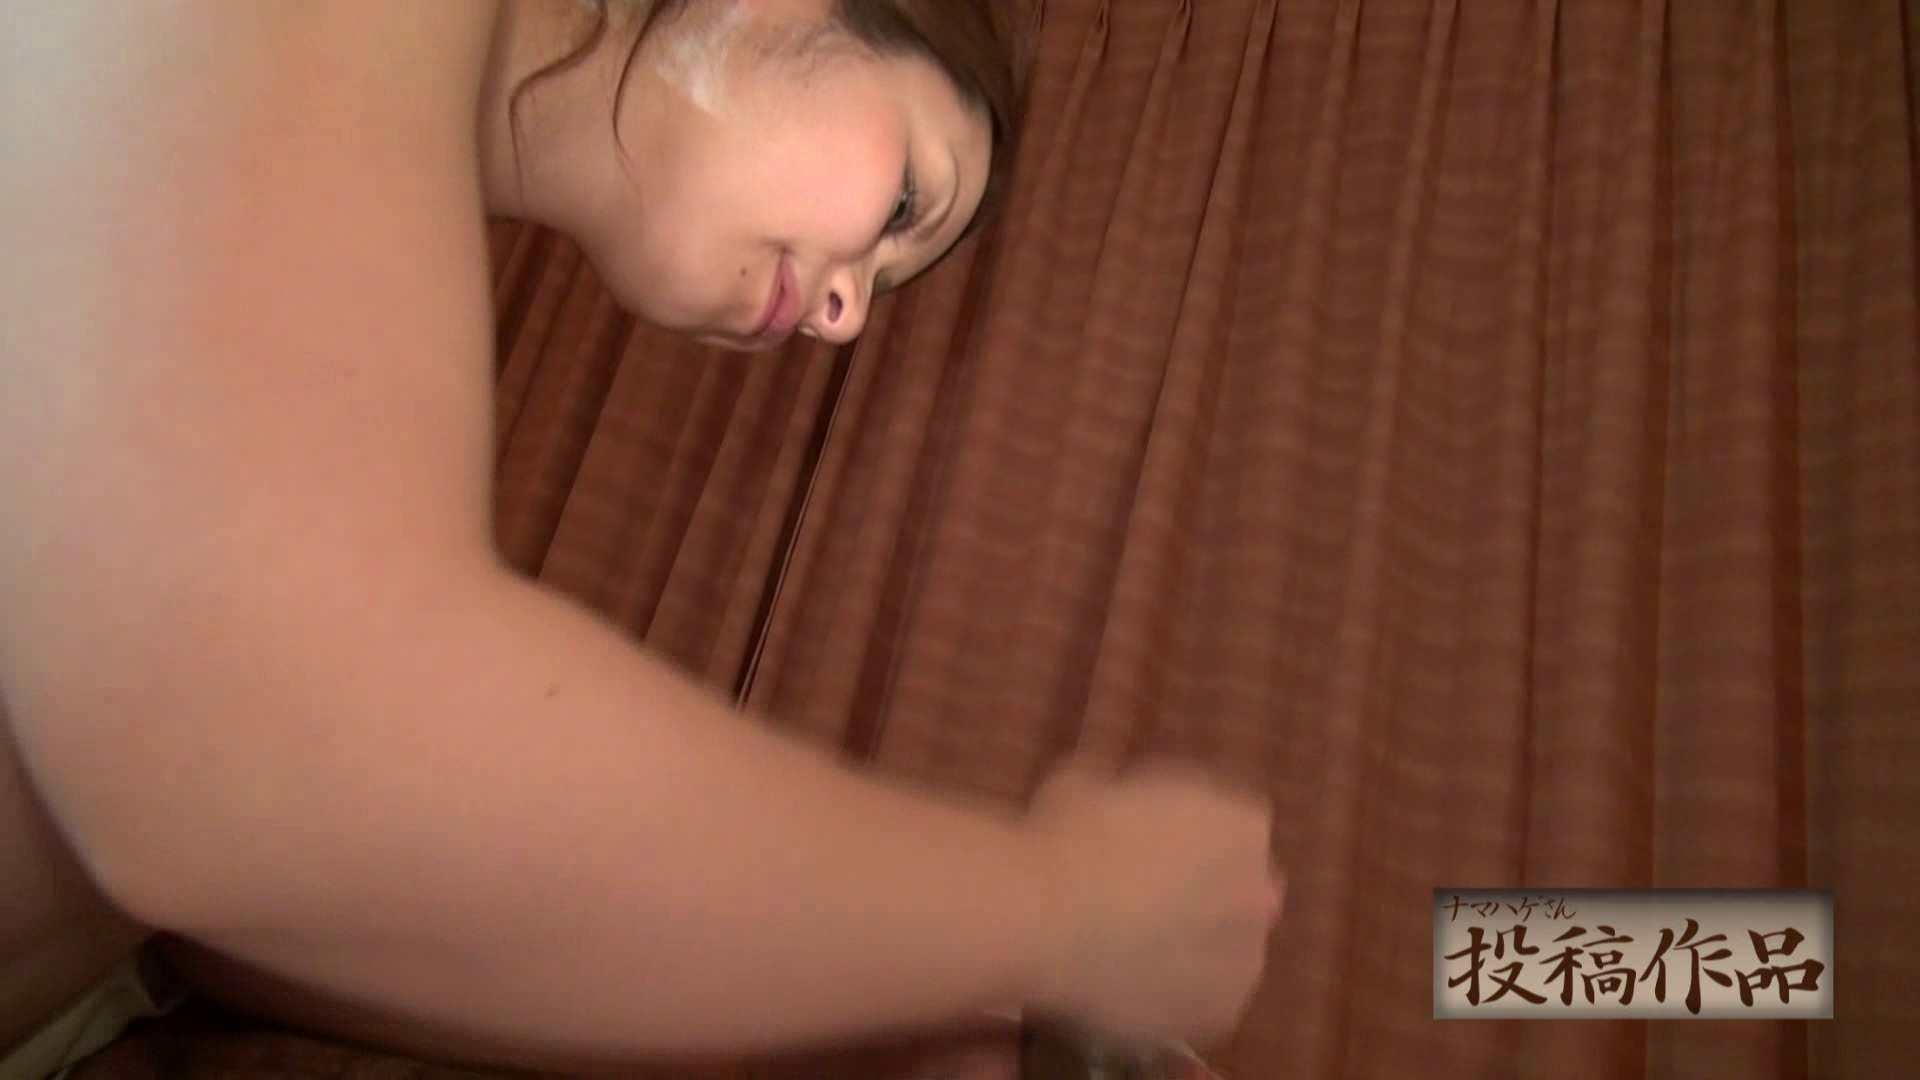 ナマハゲさんのまんこコレクション第二章 mizuhovol.2 OL裸体 | 一般投稿  77画像 44